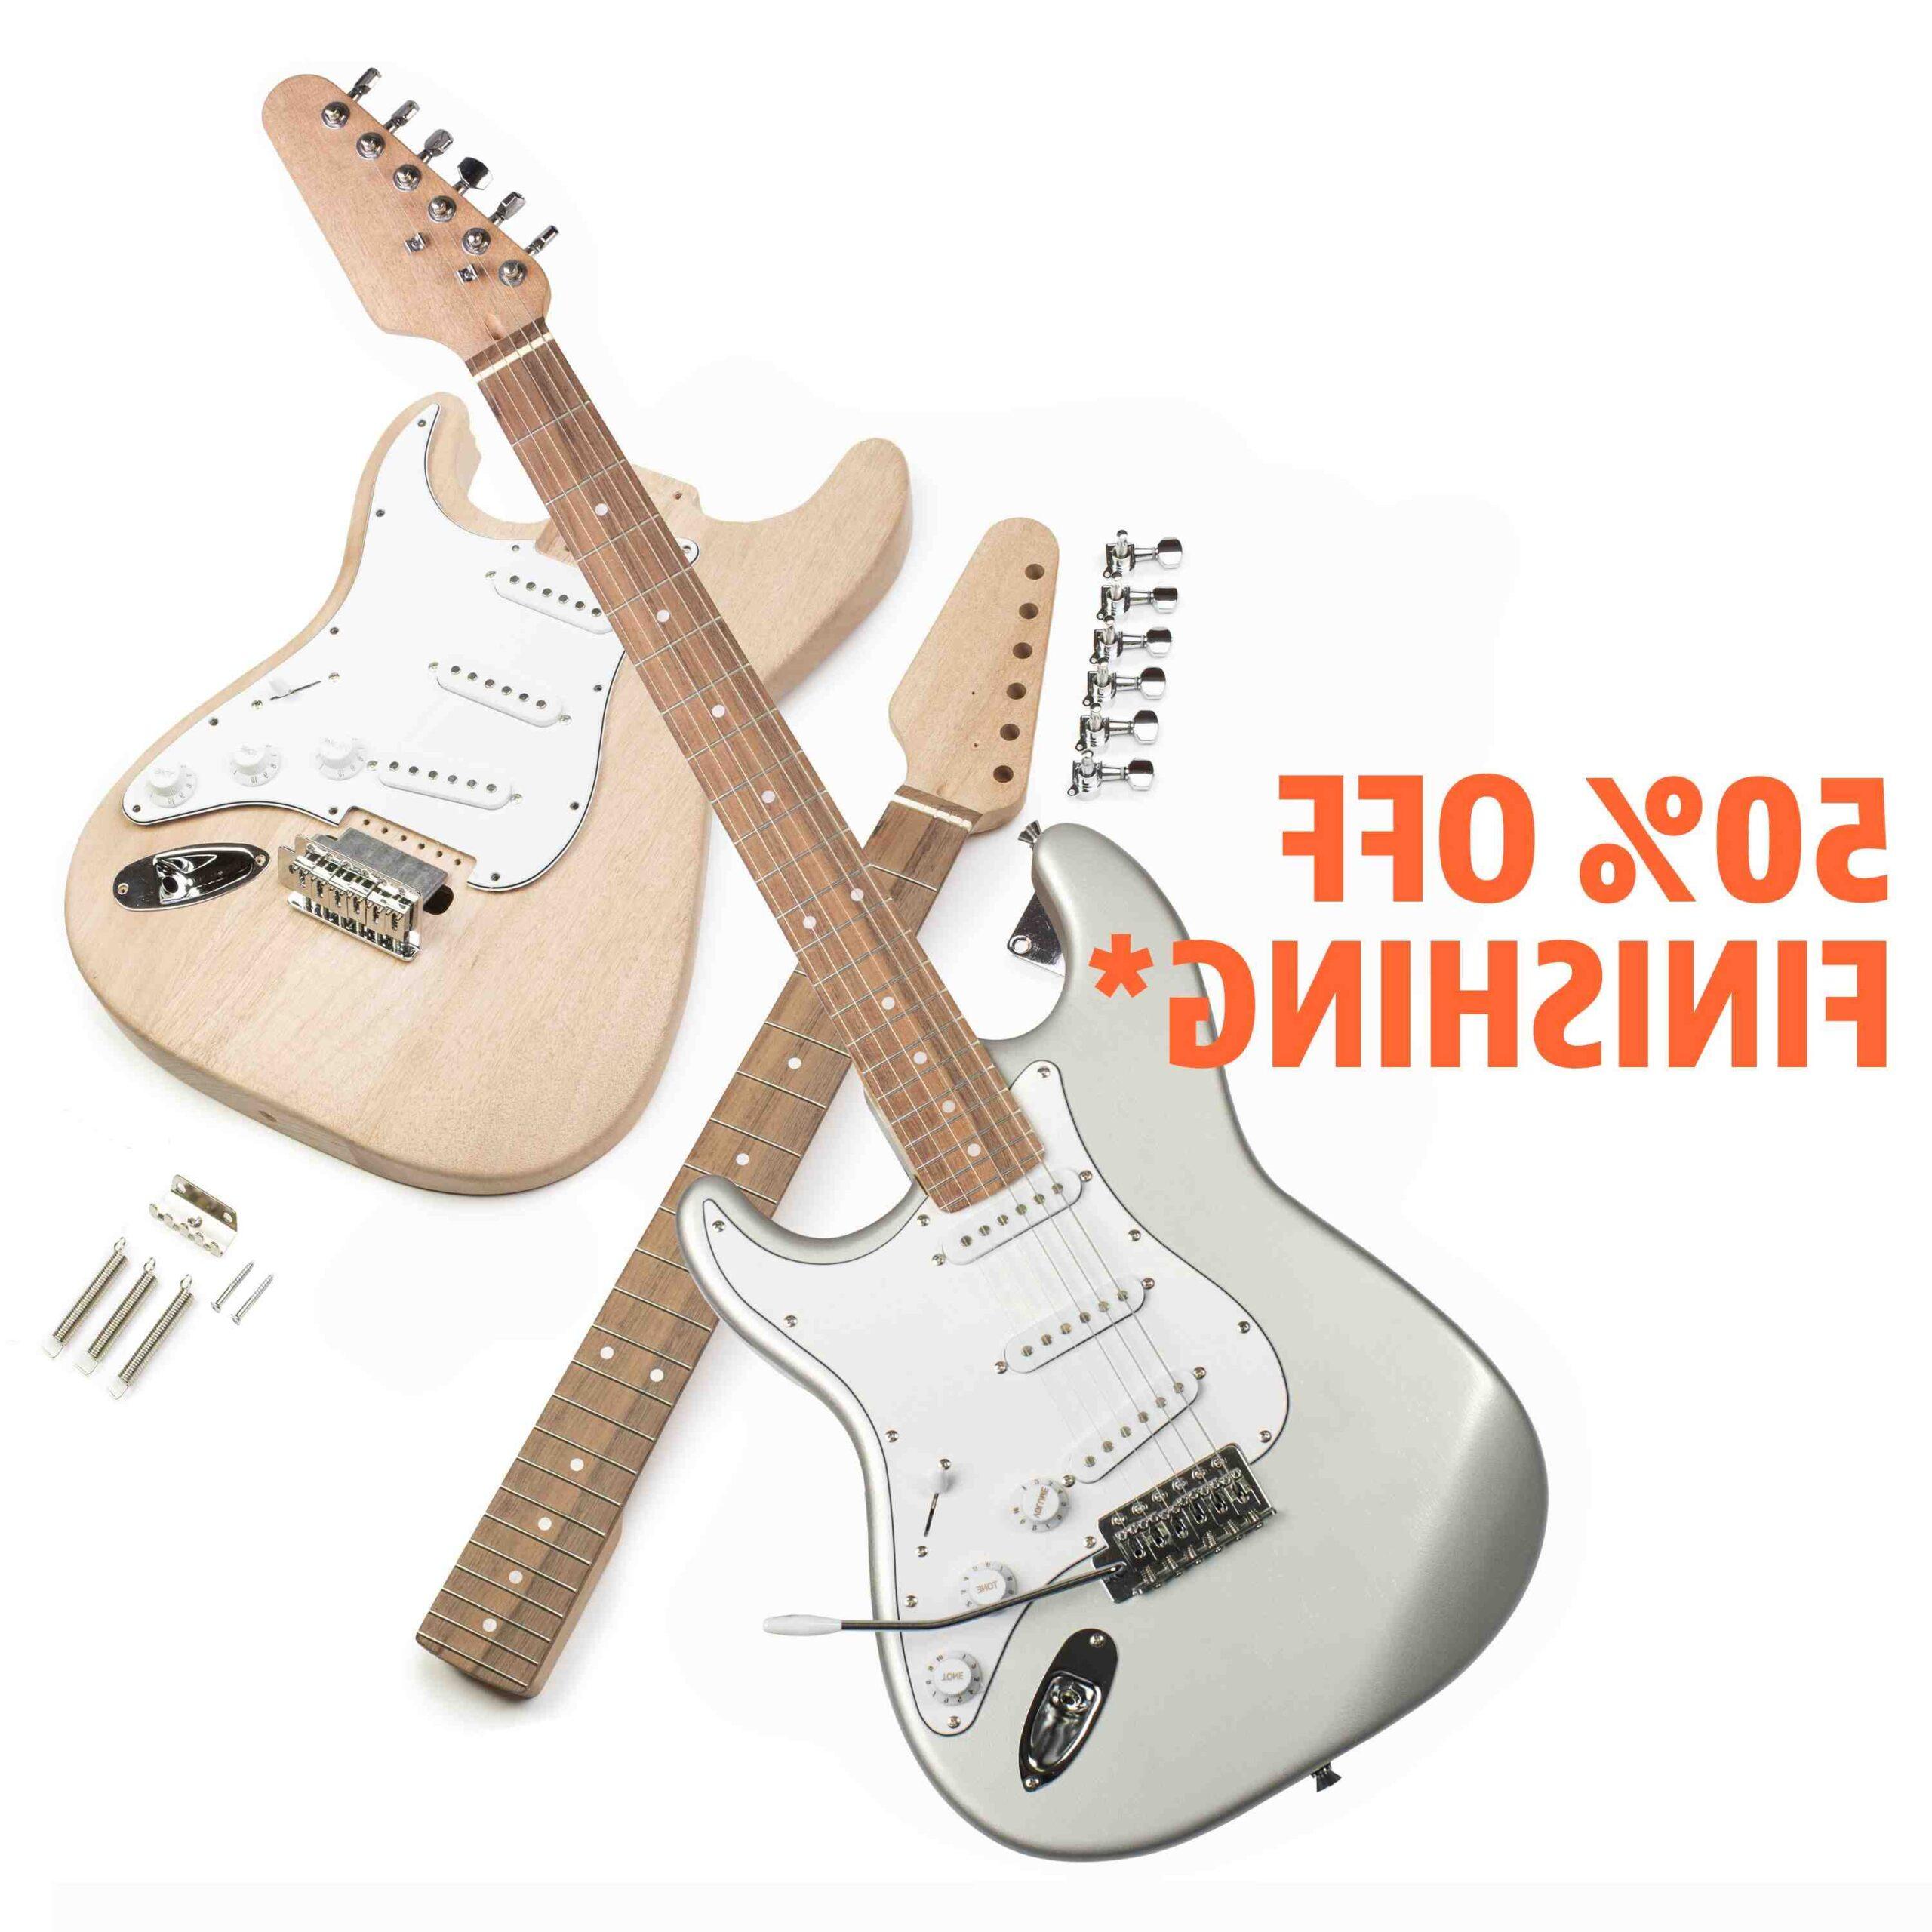 Quel est mon niveau de guitare ?